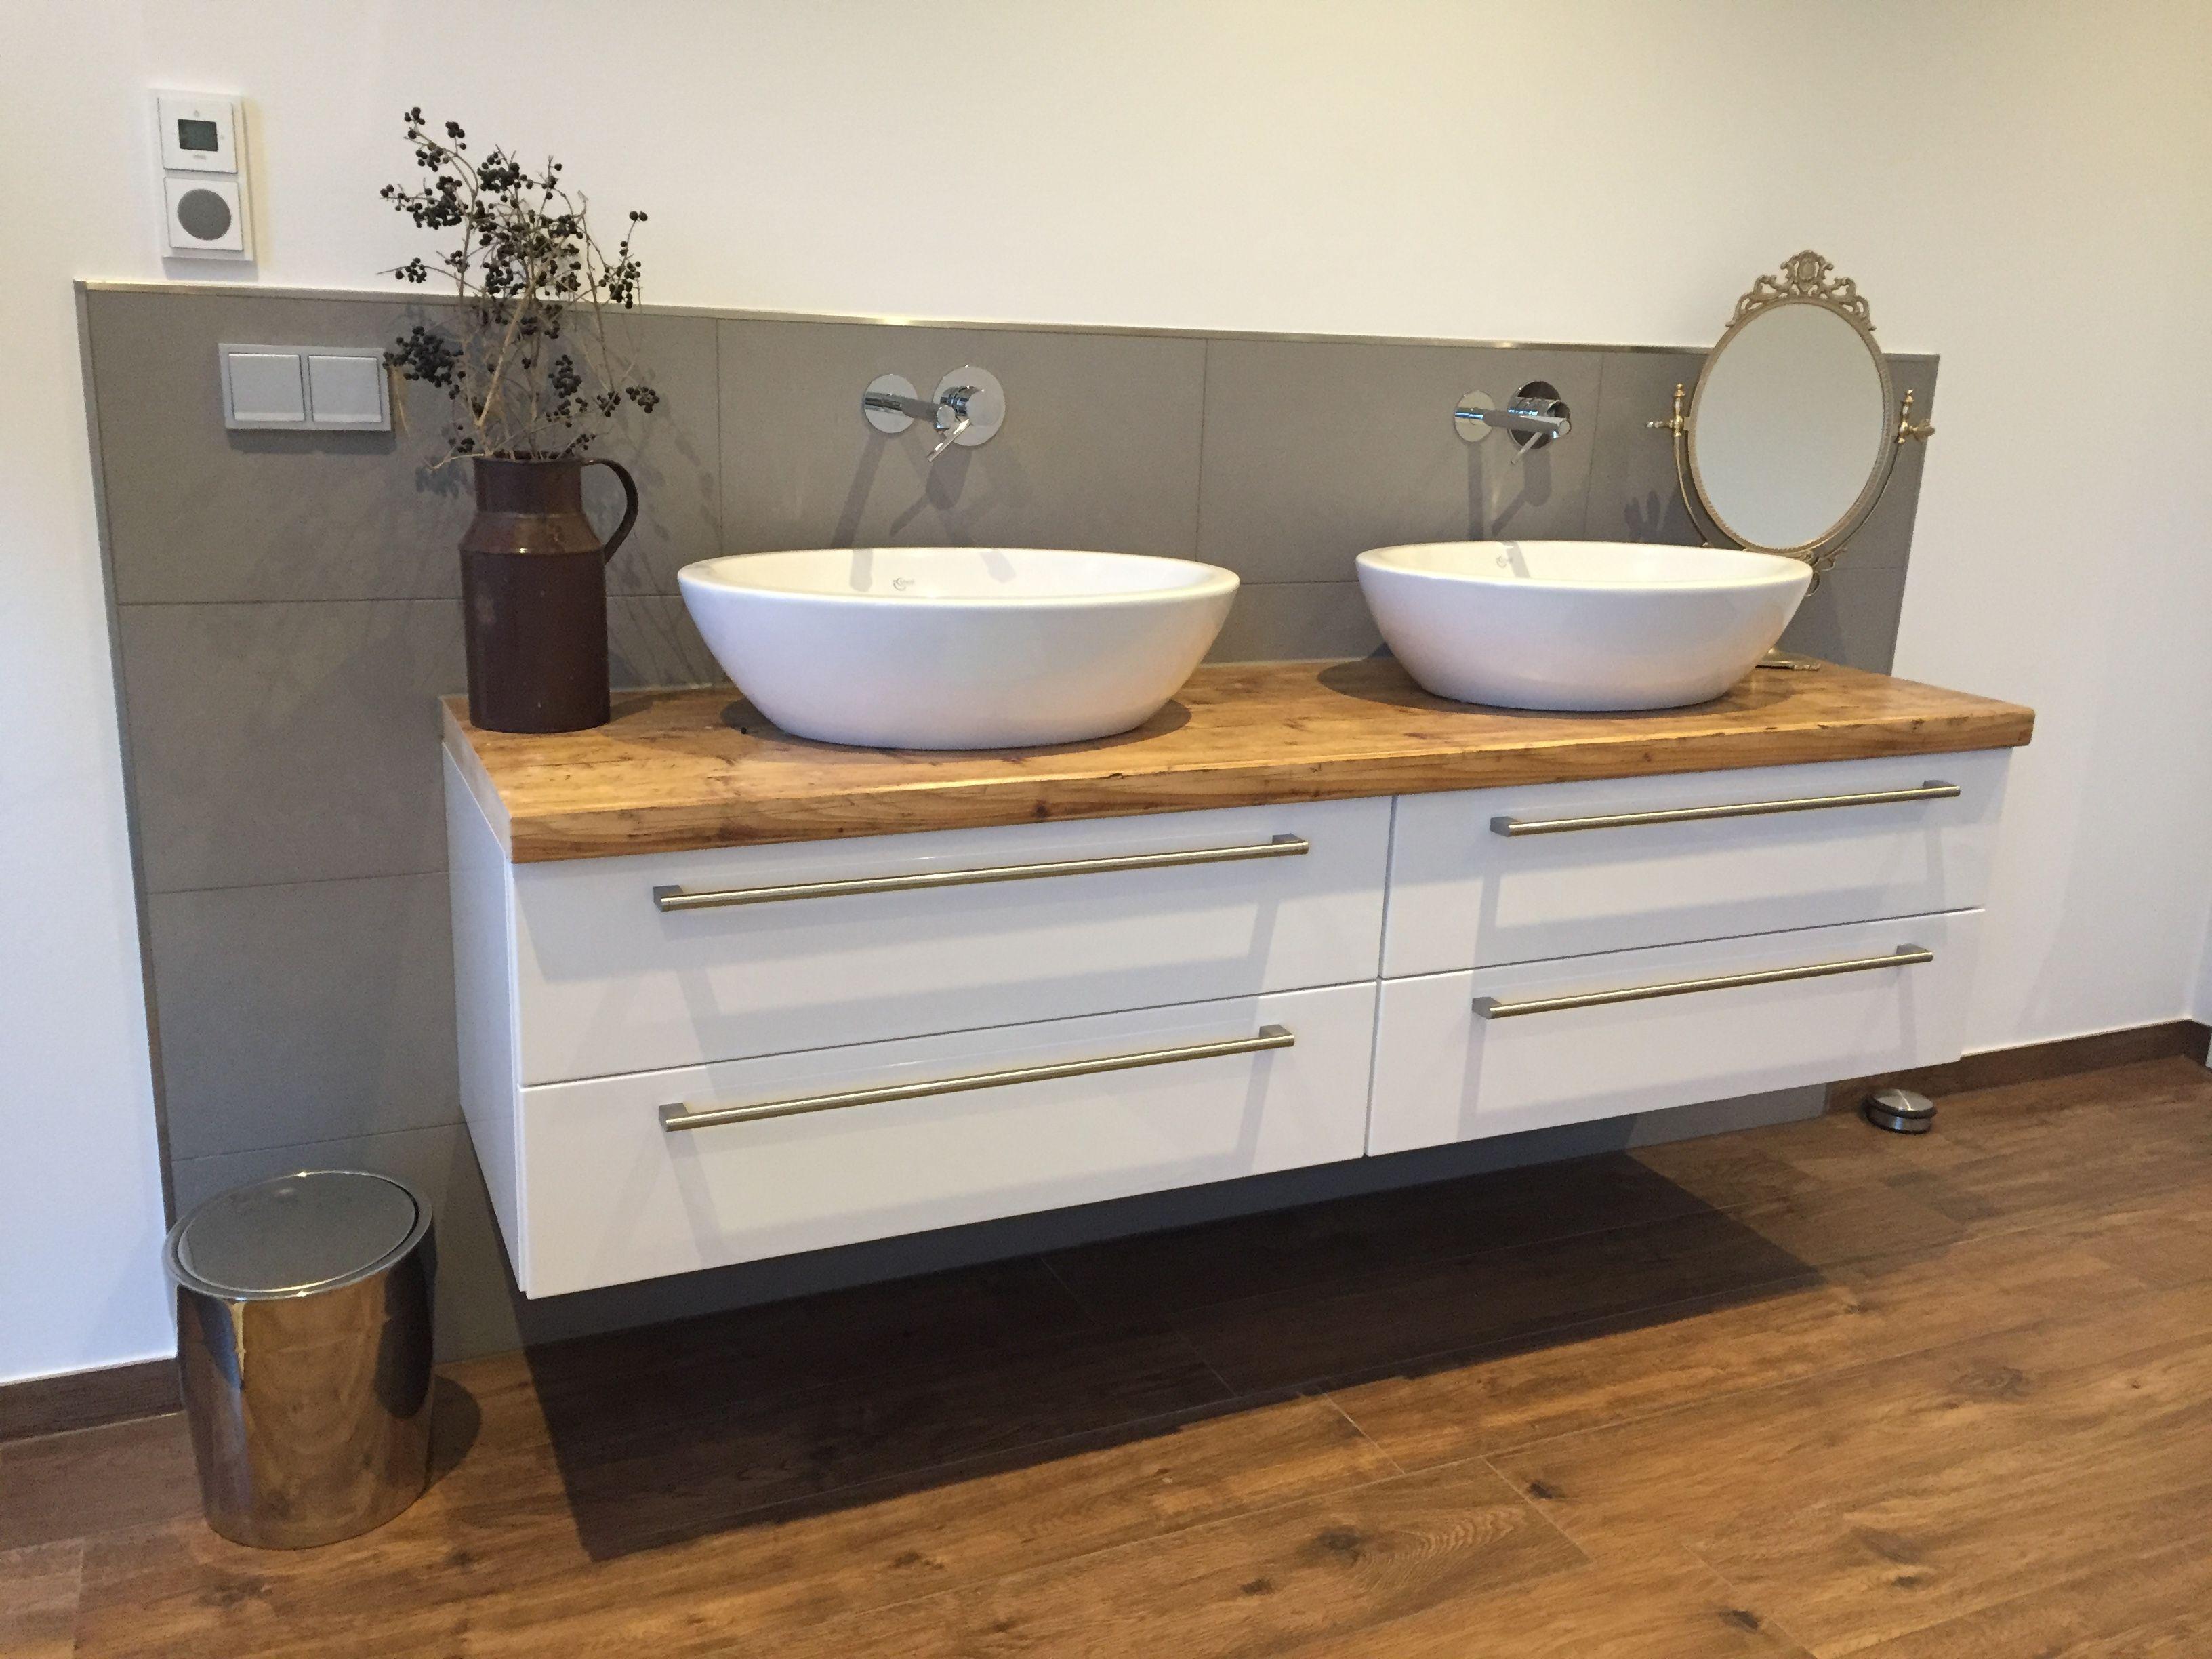 Badezimmer Holz ~ Schöne bademöbel in kombination aus alt und neu badezimmer